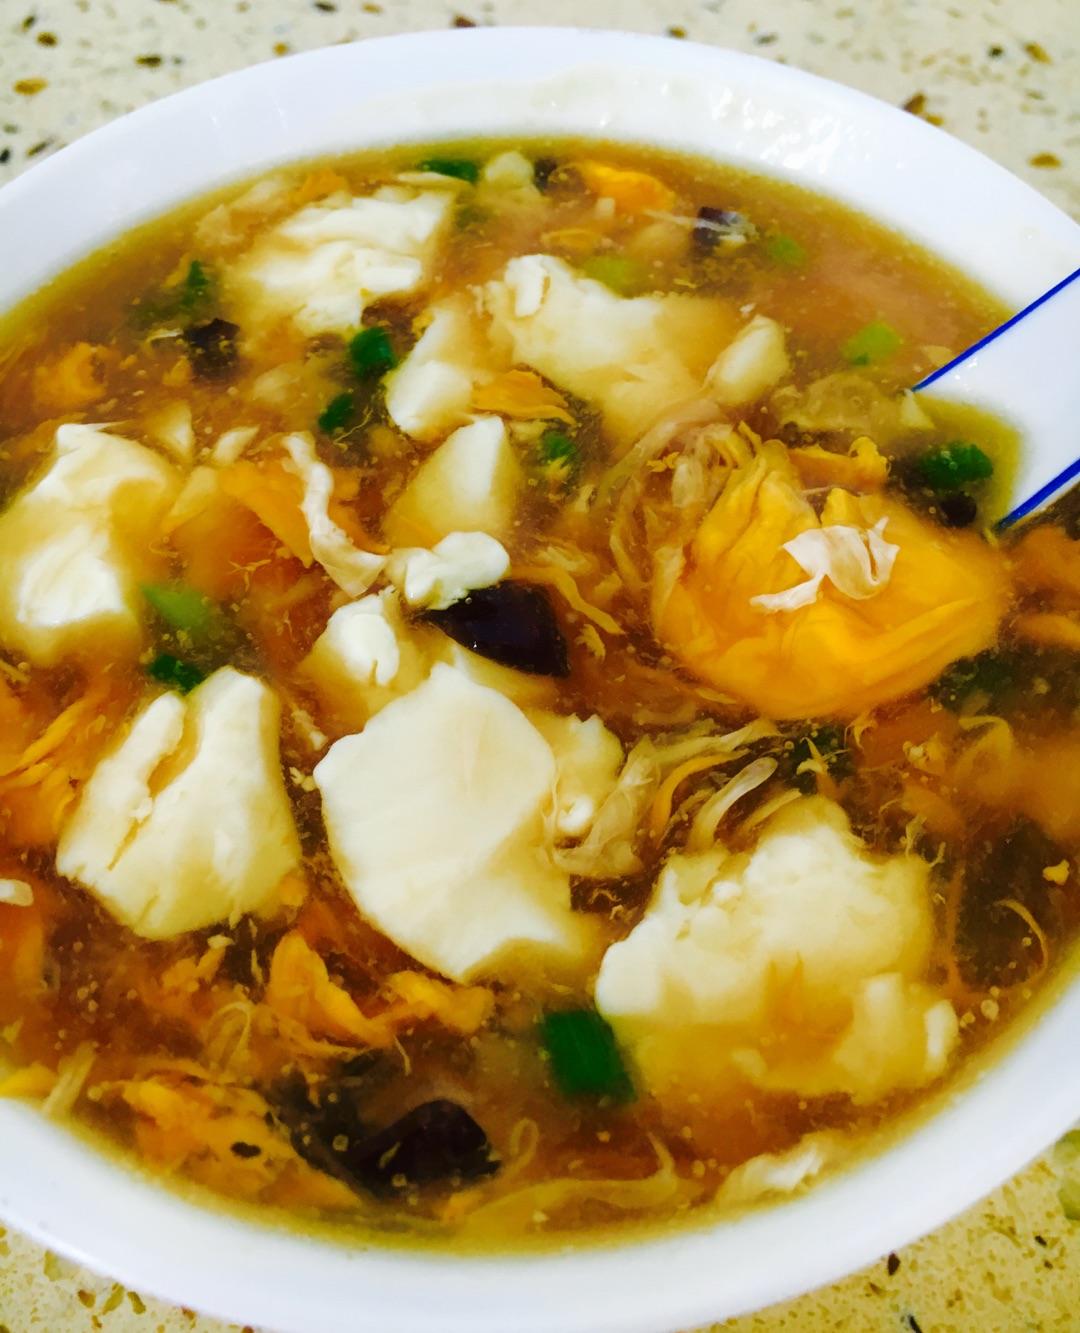 豆腐腦怎么做_豆腐腦的做法_豆果美食